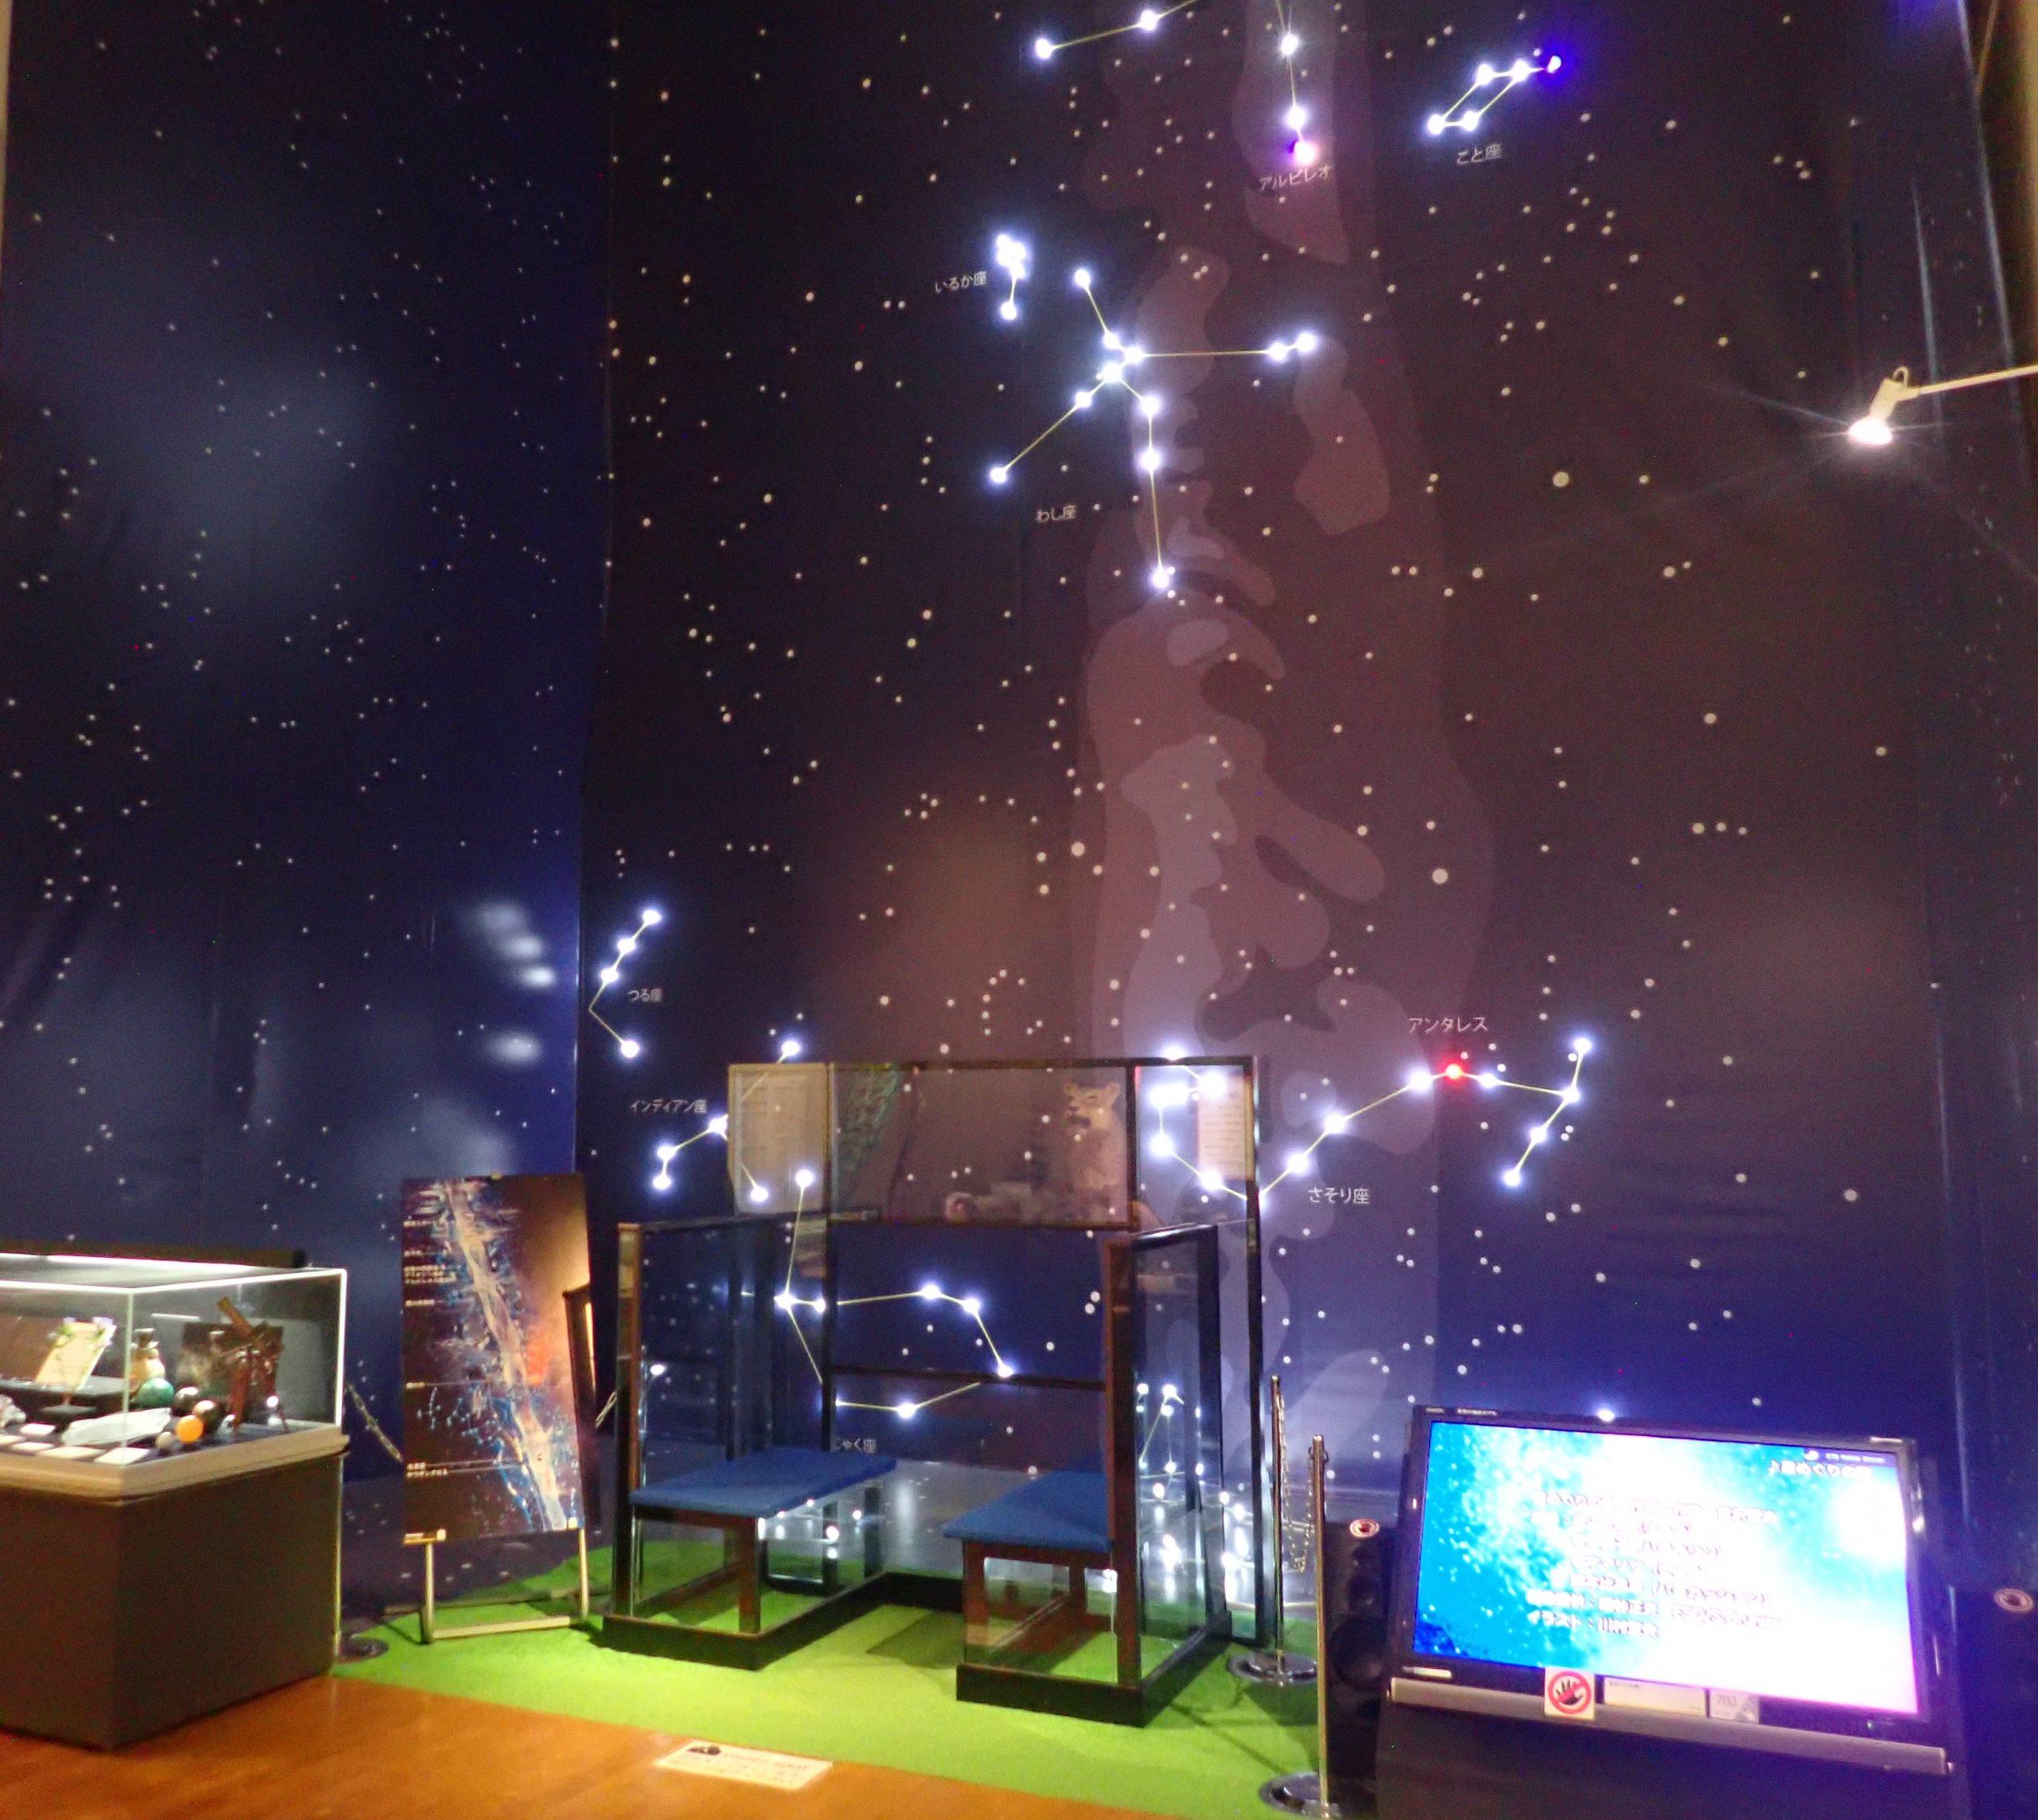 シンボル展示「銀河鉄道の夜」